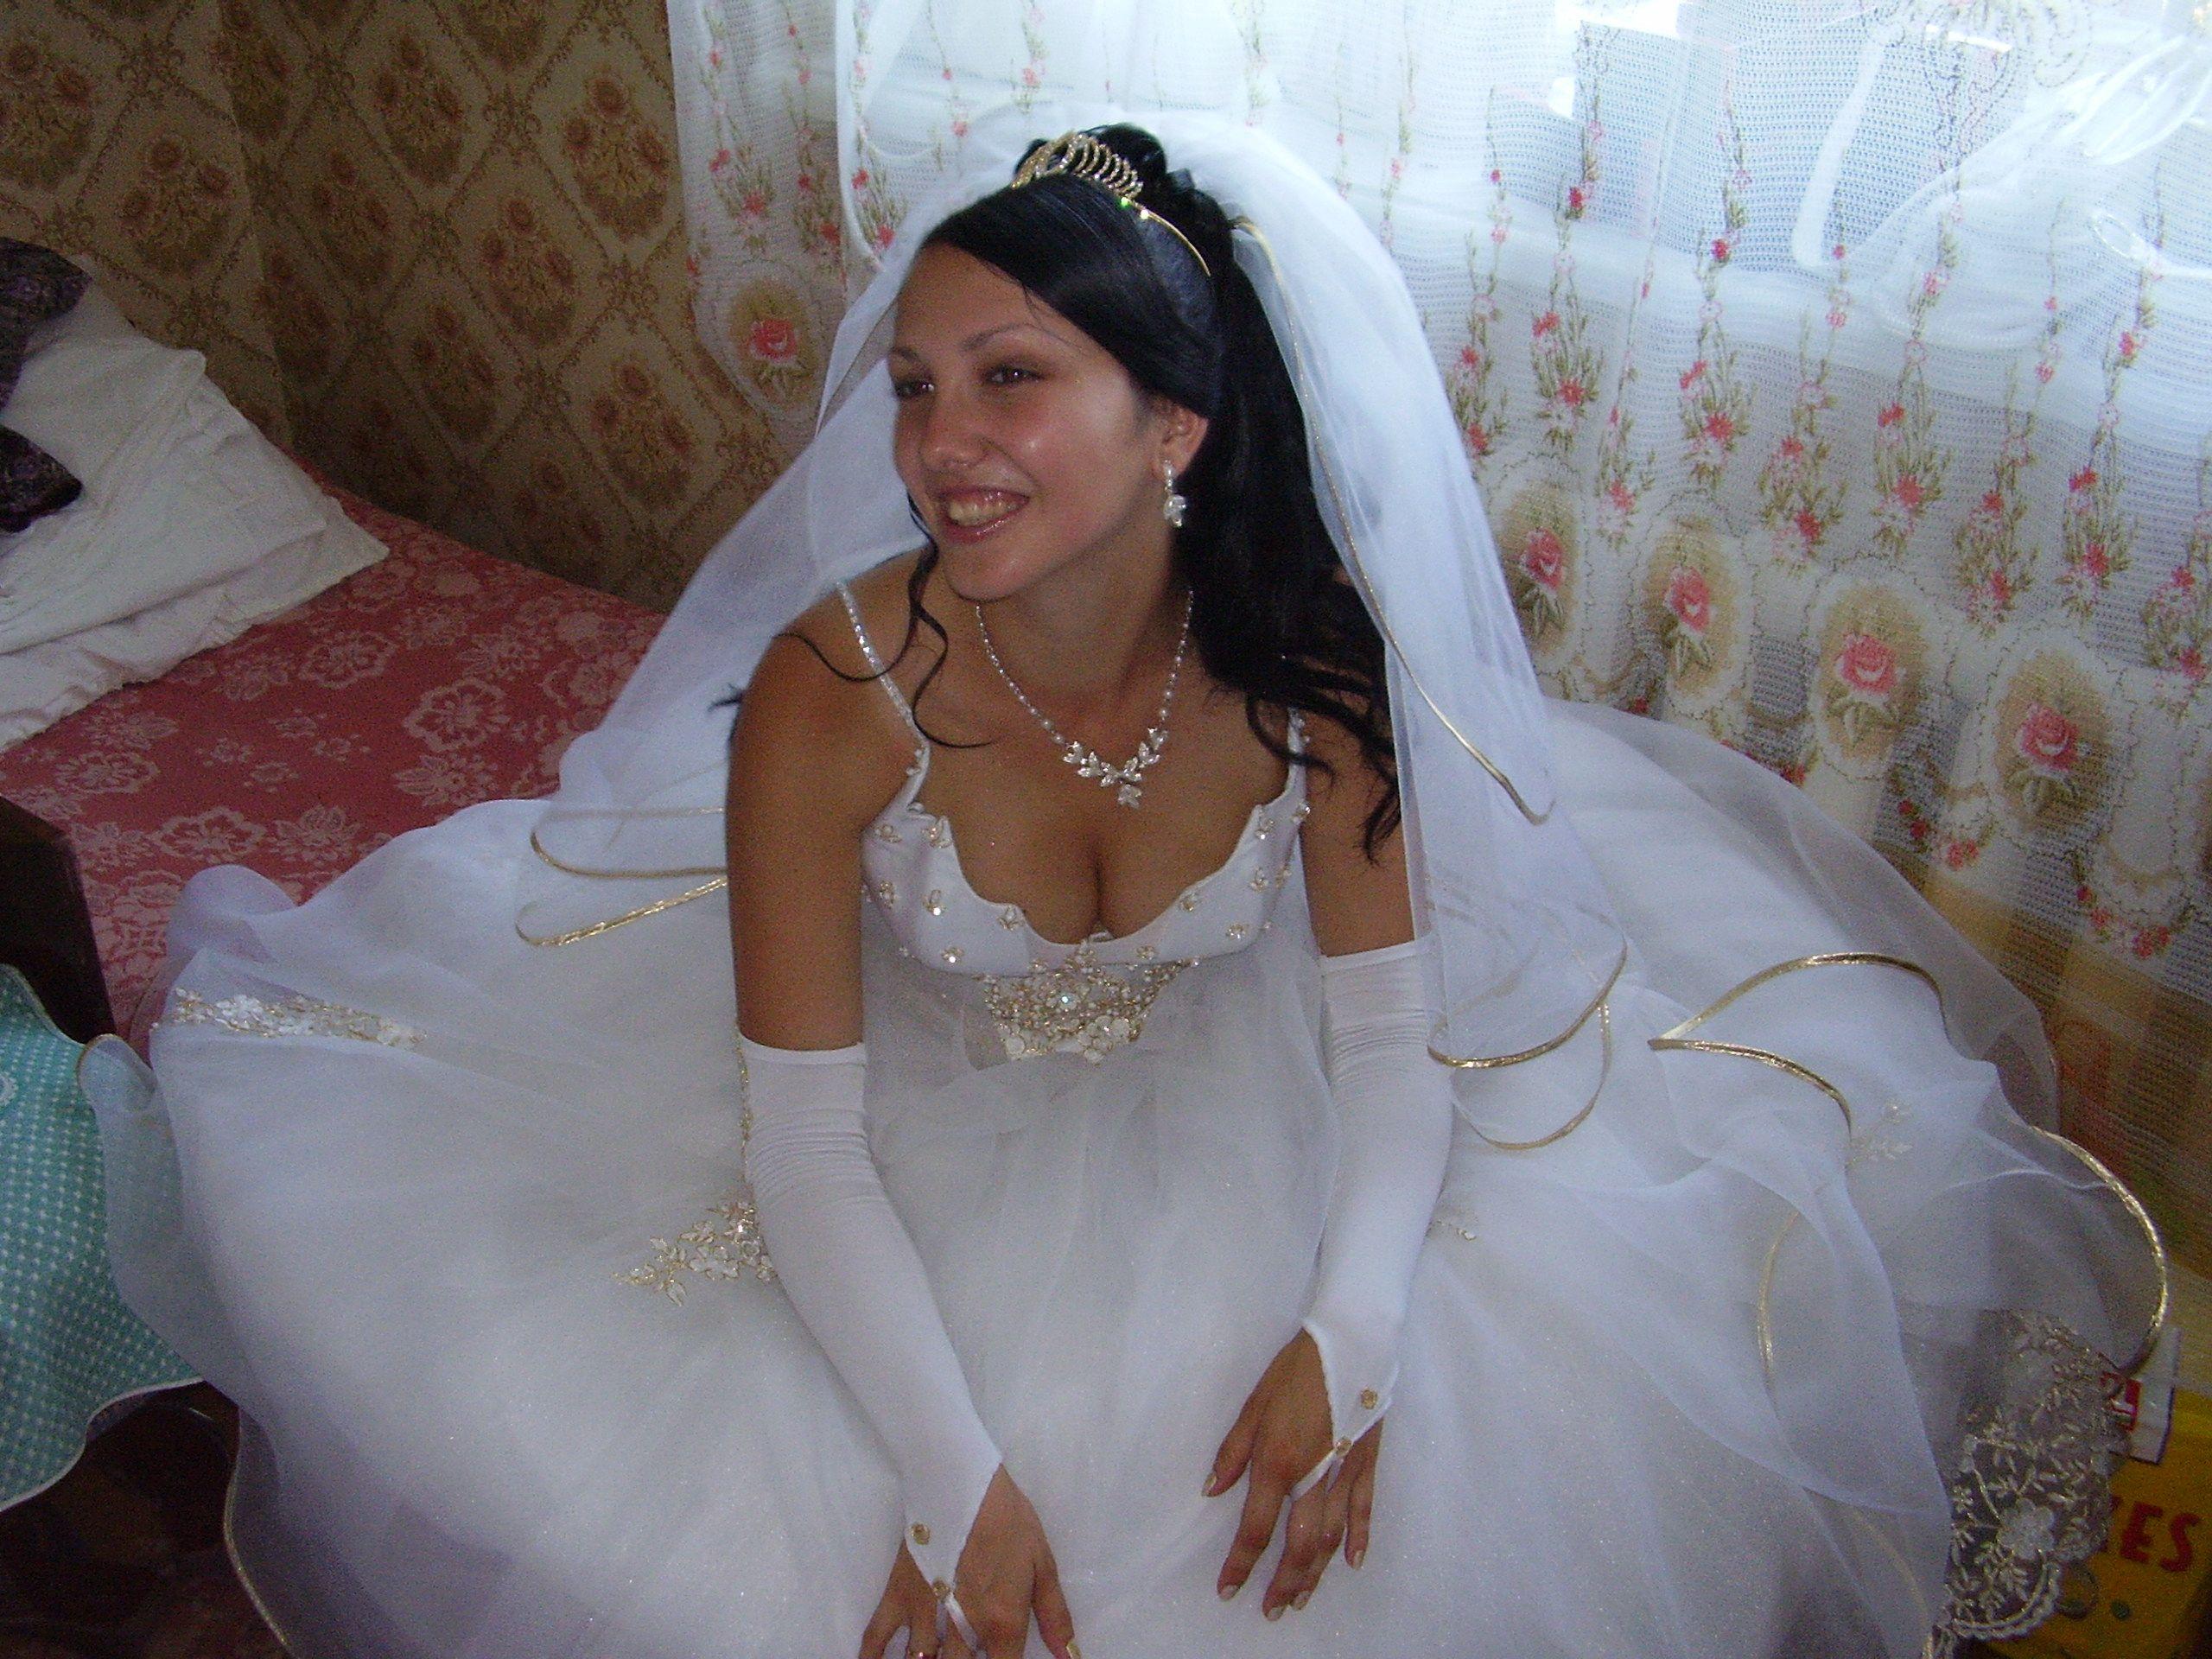 Смотреть невесту отимели на свадьбе 13 фотография